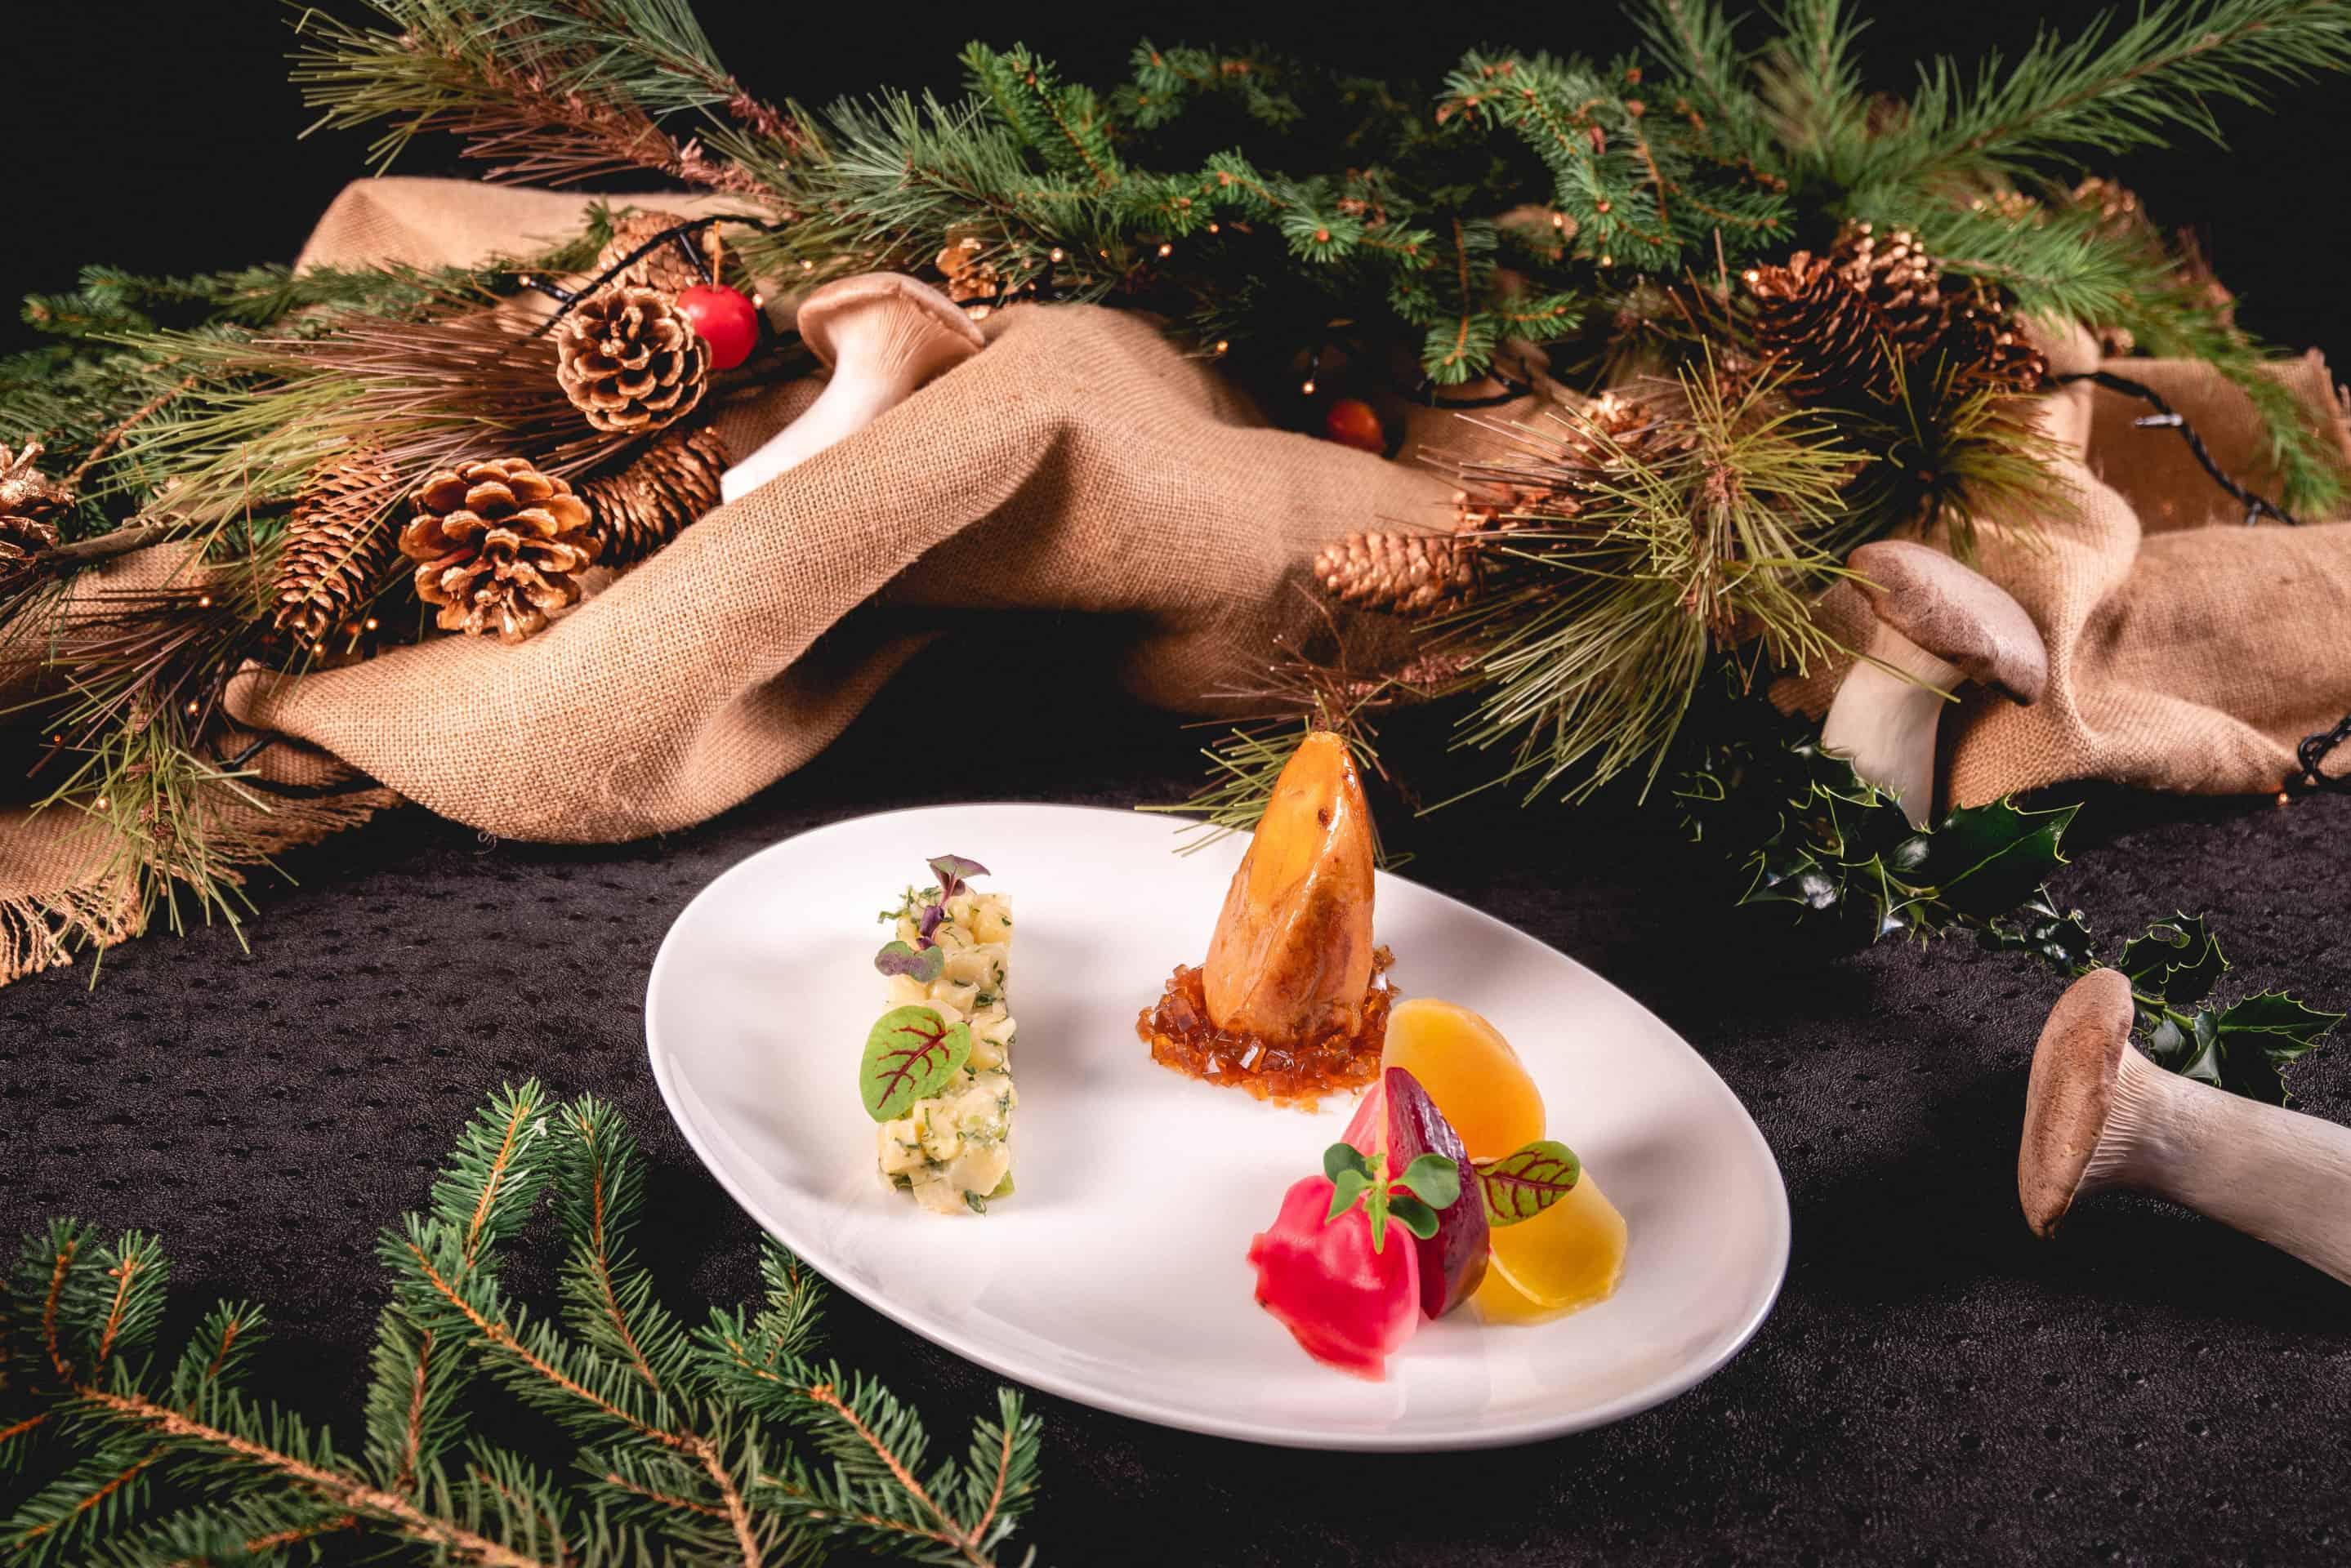 pintade-foie-gras-poele-truffe-risotto-celeri-pickles-betterave-maison-steffen-fetes-menu-nouvel-an-noel